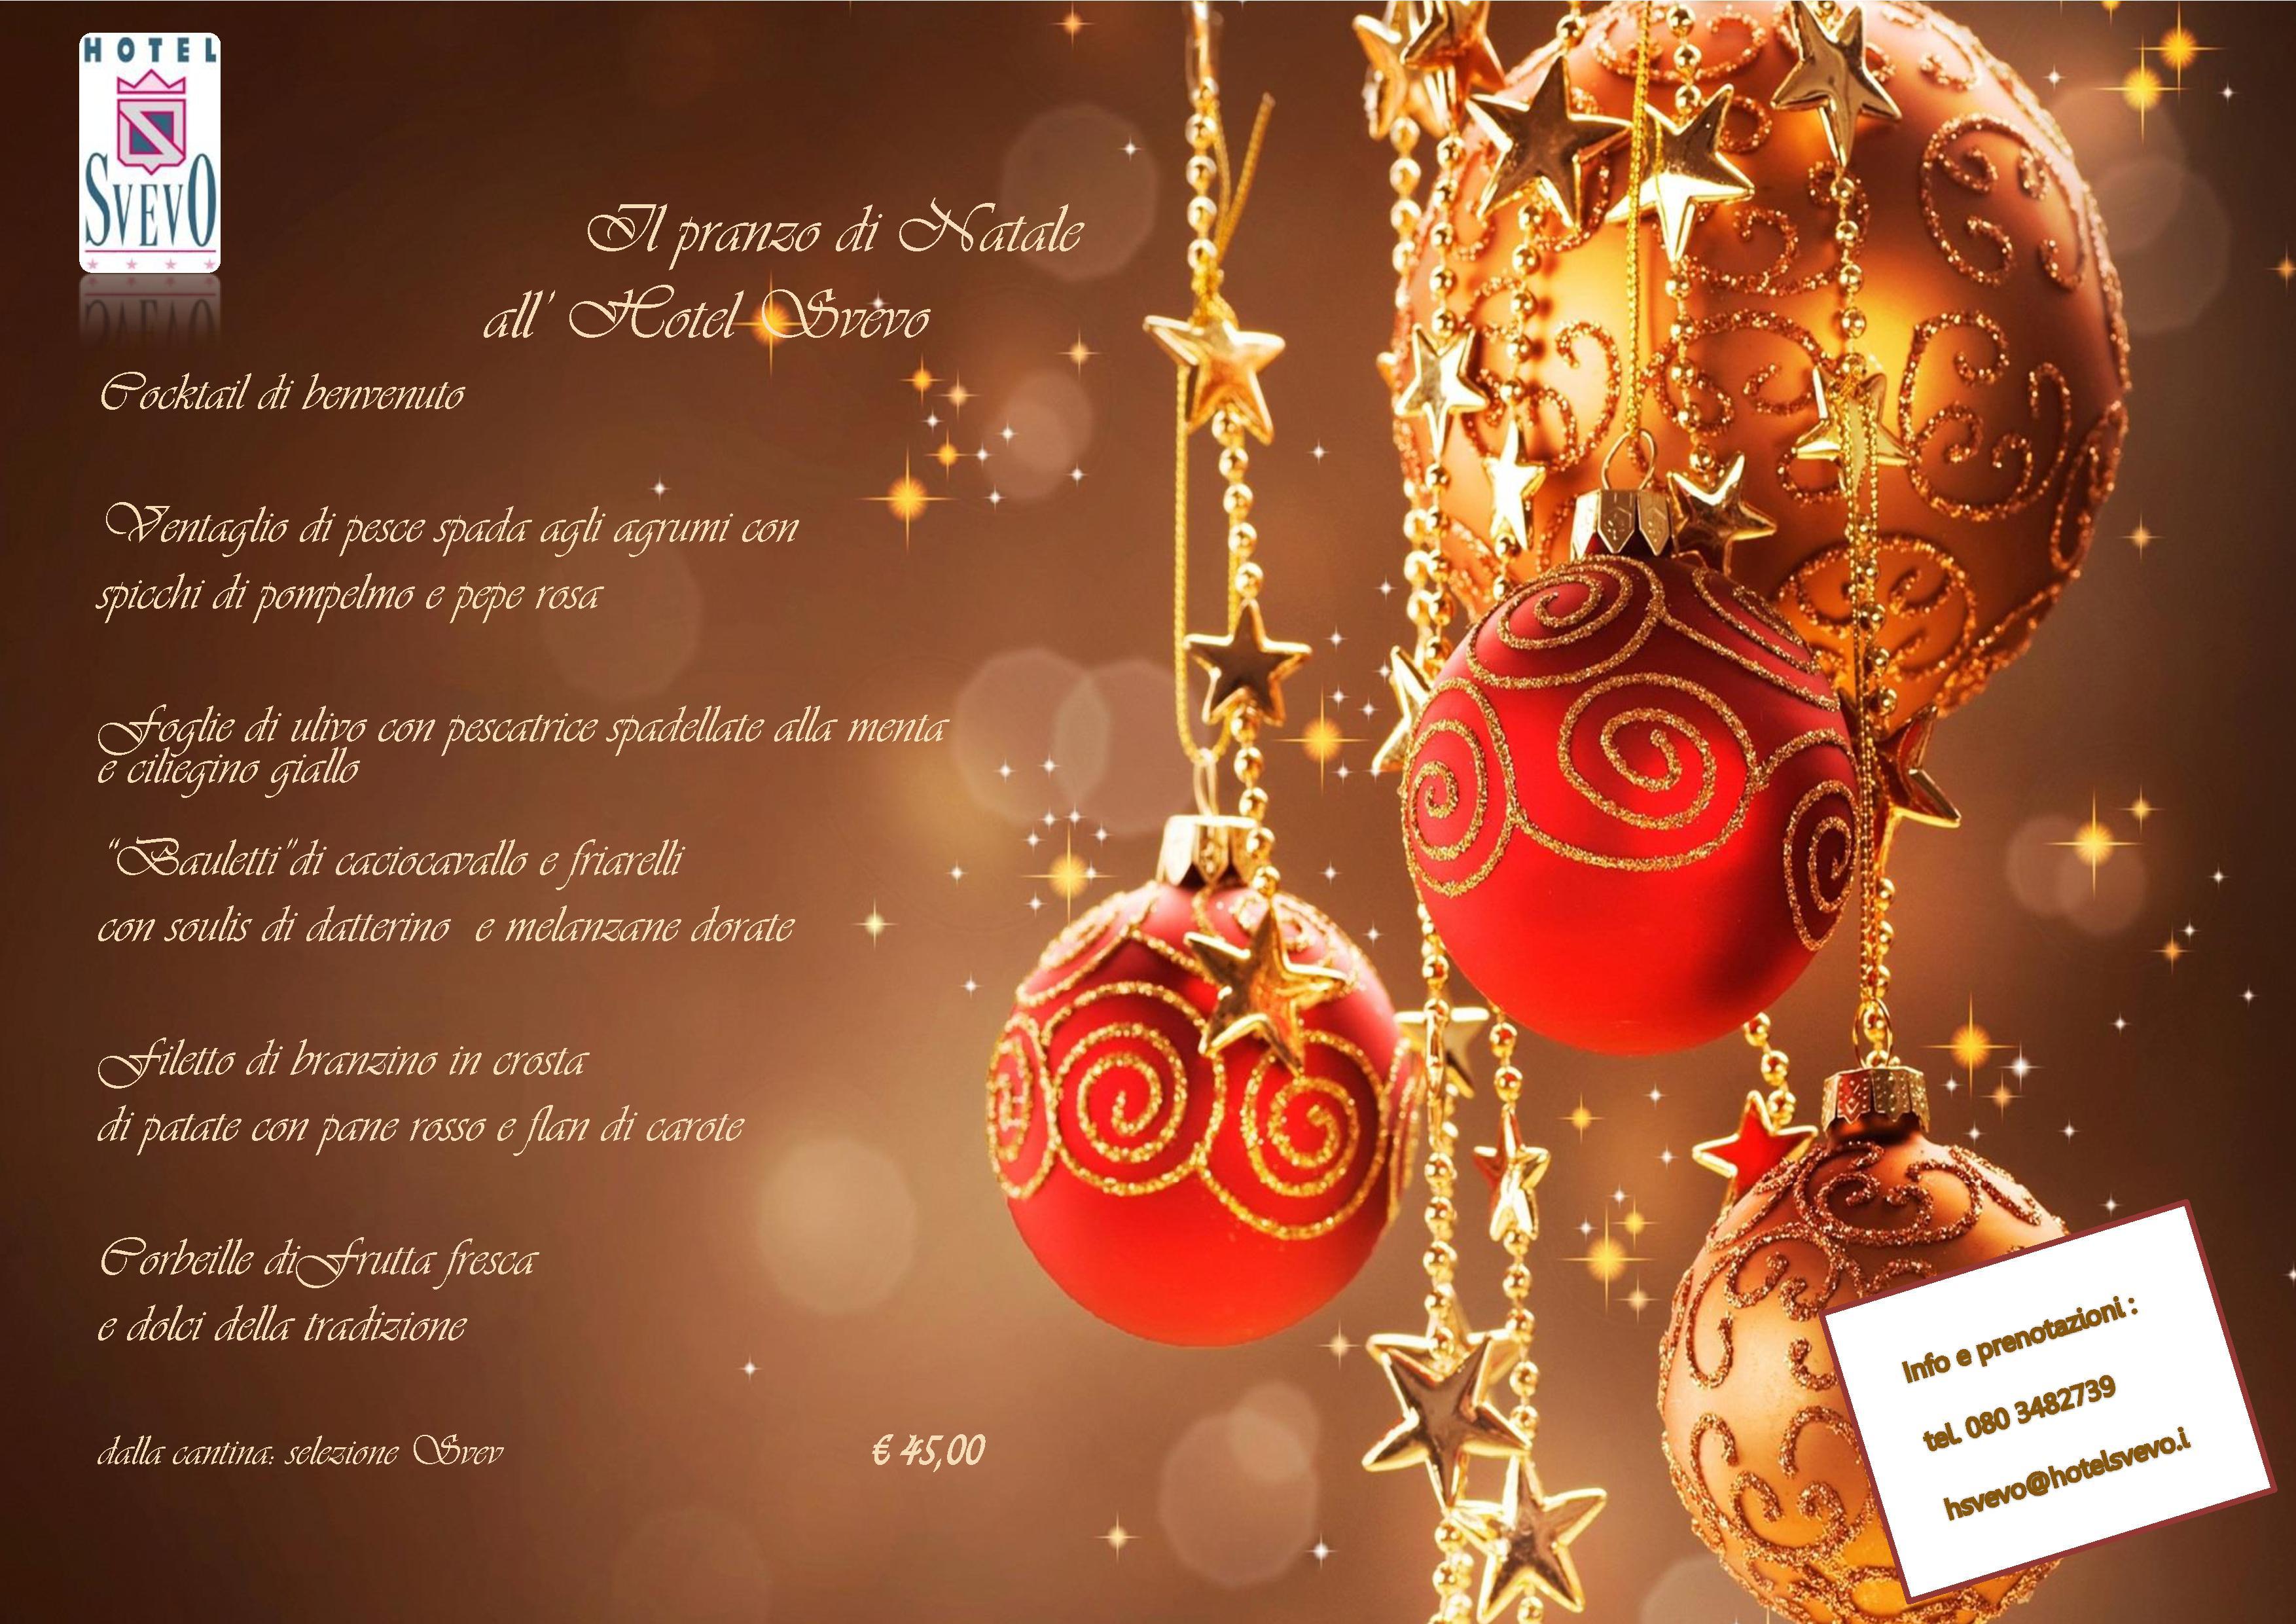 Immagini Natale E Capodanno.Natale E Capodanno All Hotel Svevo Hotel Svevo